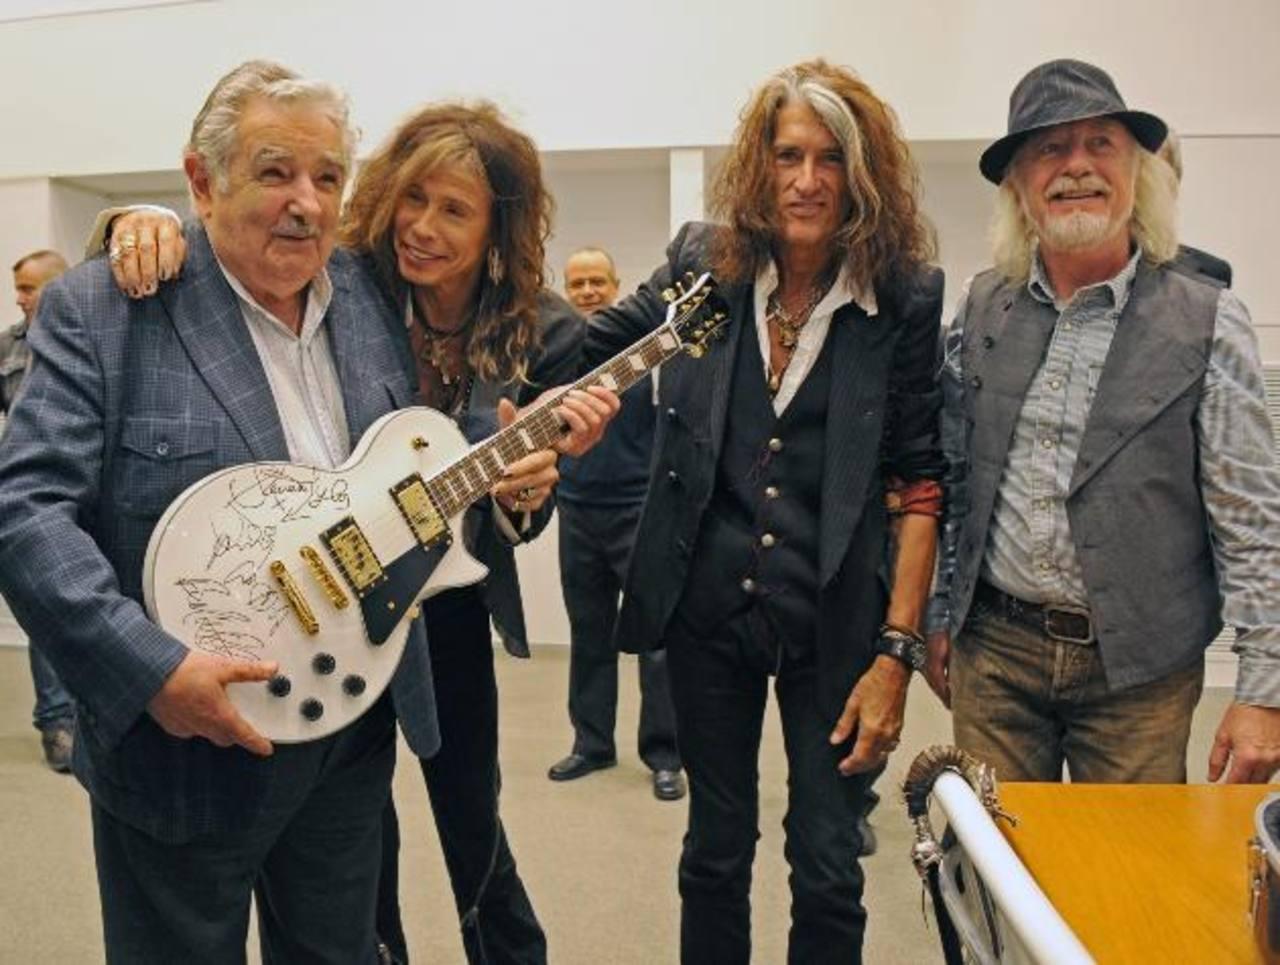 Mujica subastará la guitarra autografiada que le regalo Aerosmith para obtener dinero para el Plan Juntos. Foto/ AP